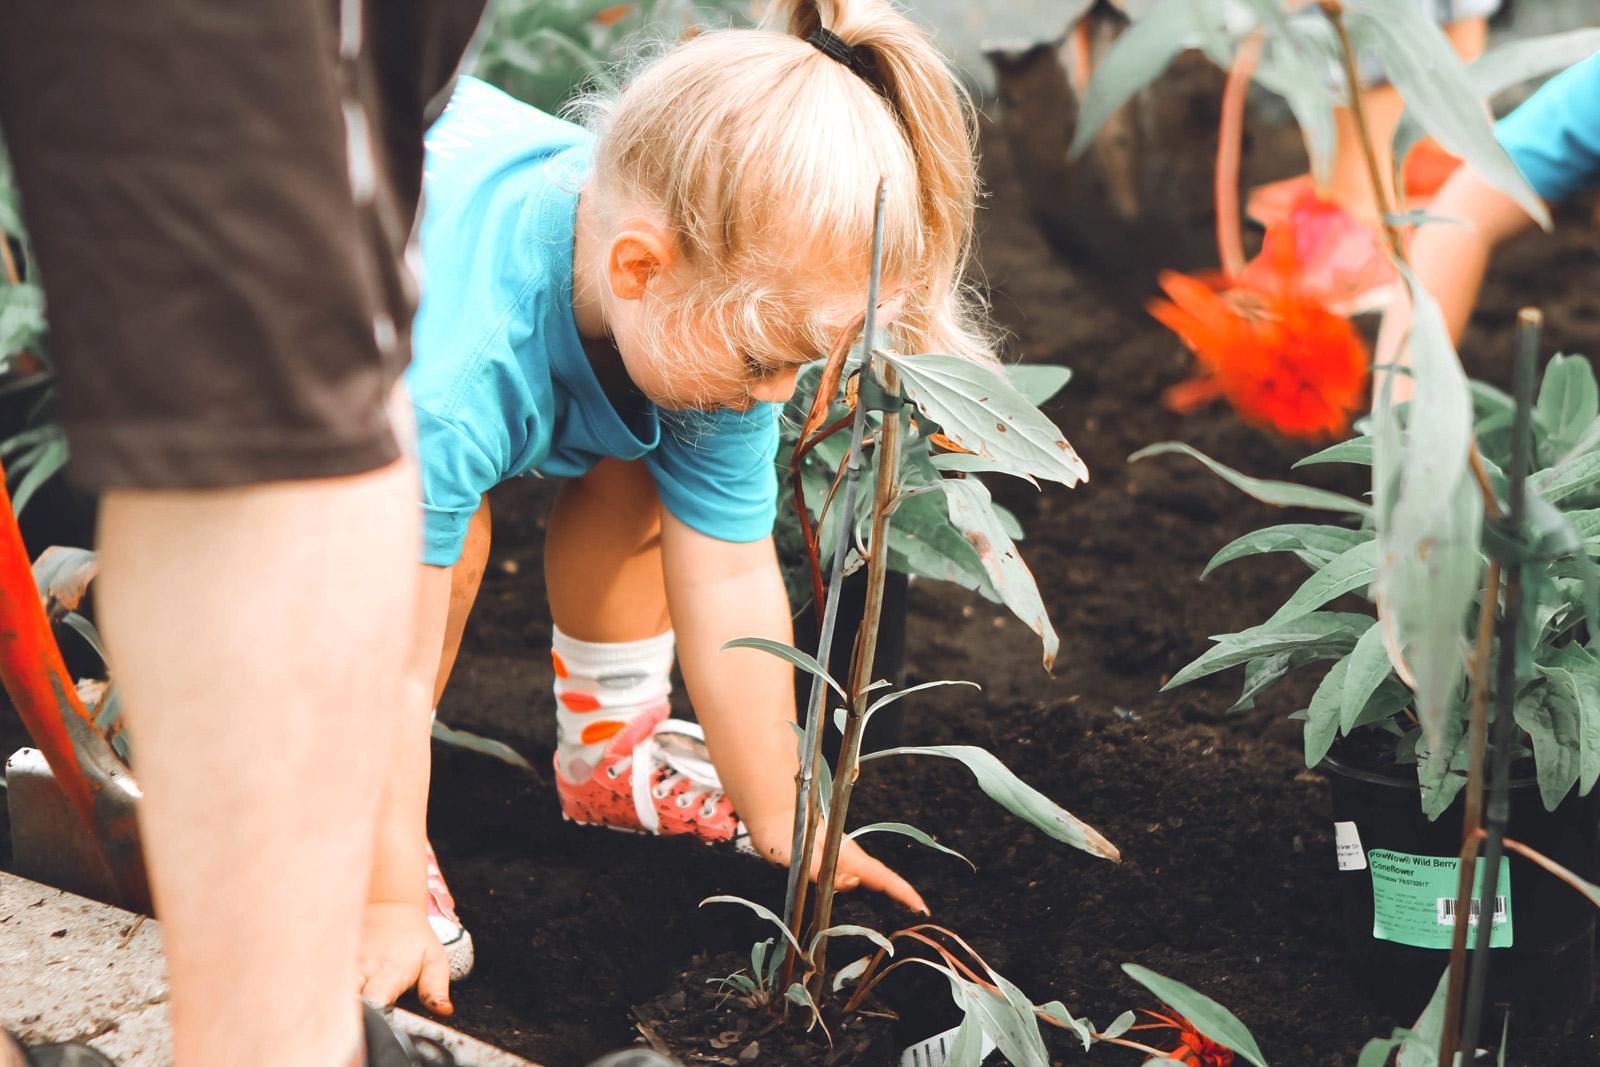 Ein kleines Mädchen hilft beim einpflanzen von Gemüse im eigenen Beet und klopft behutsam die Erde fest.